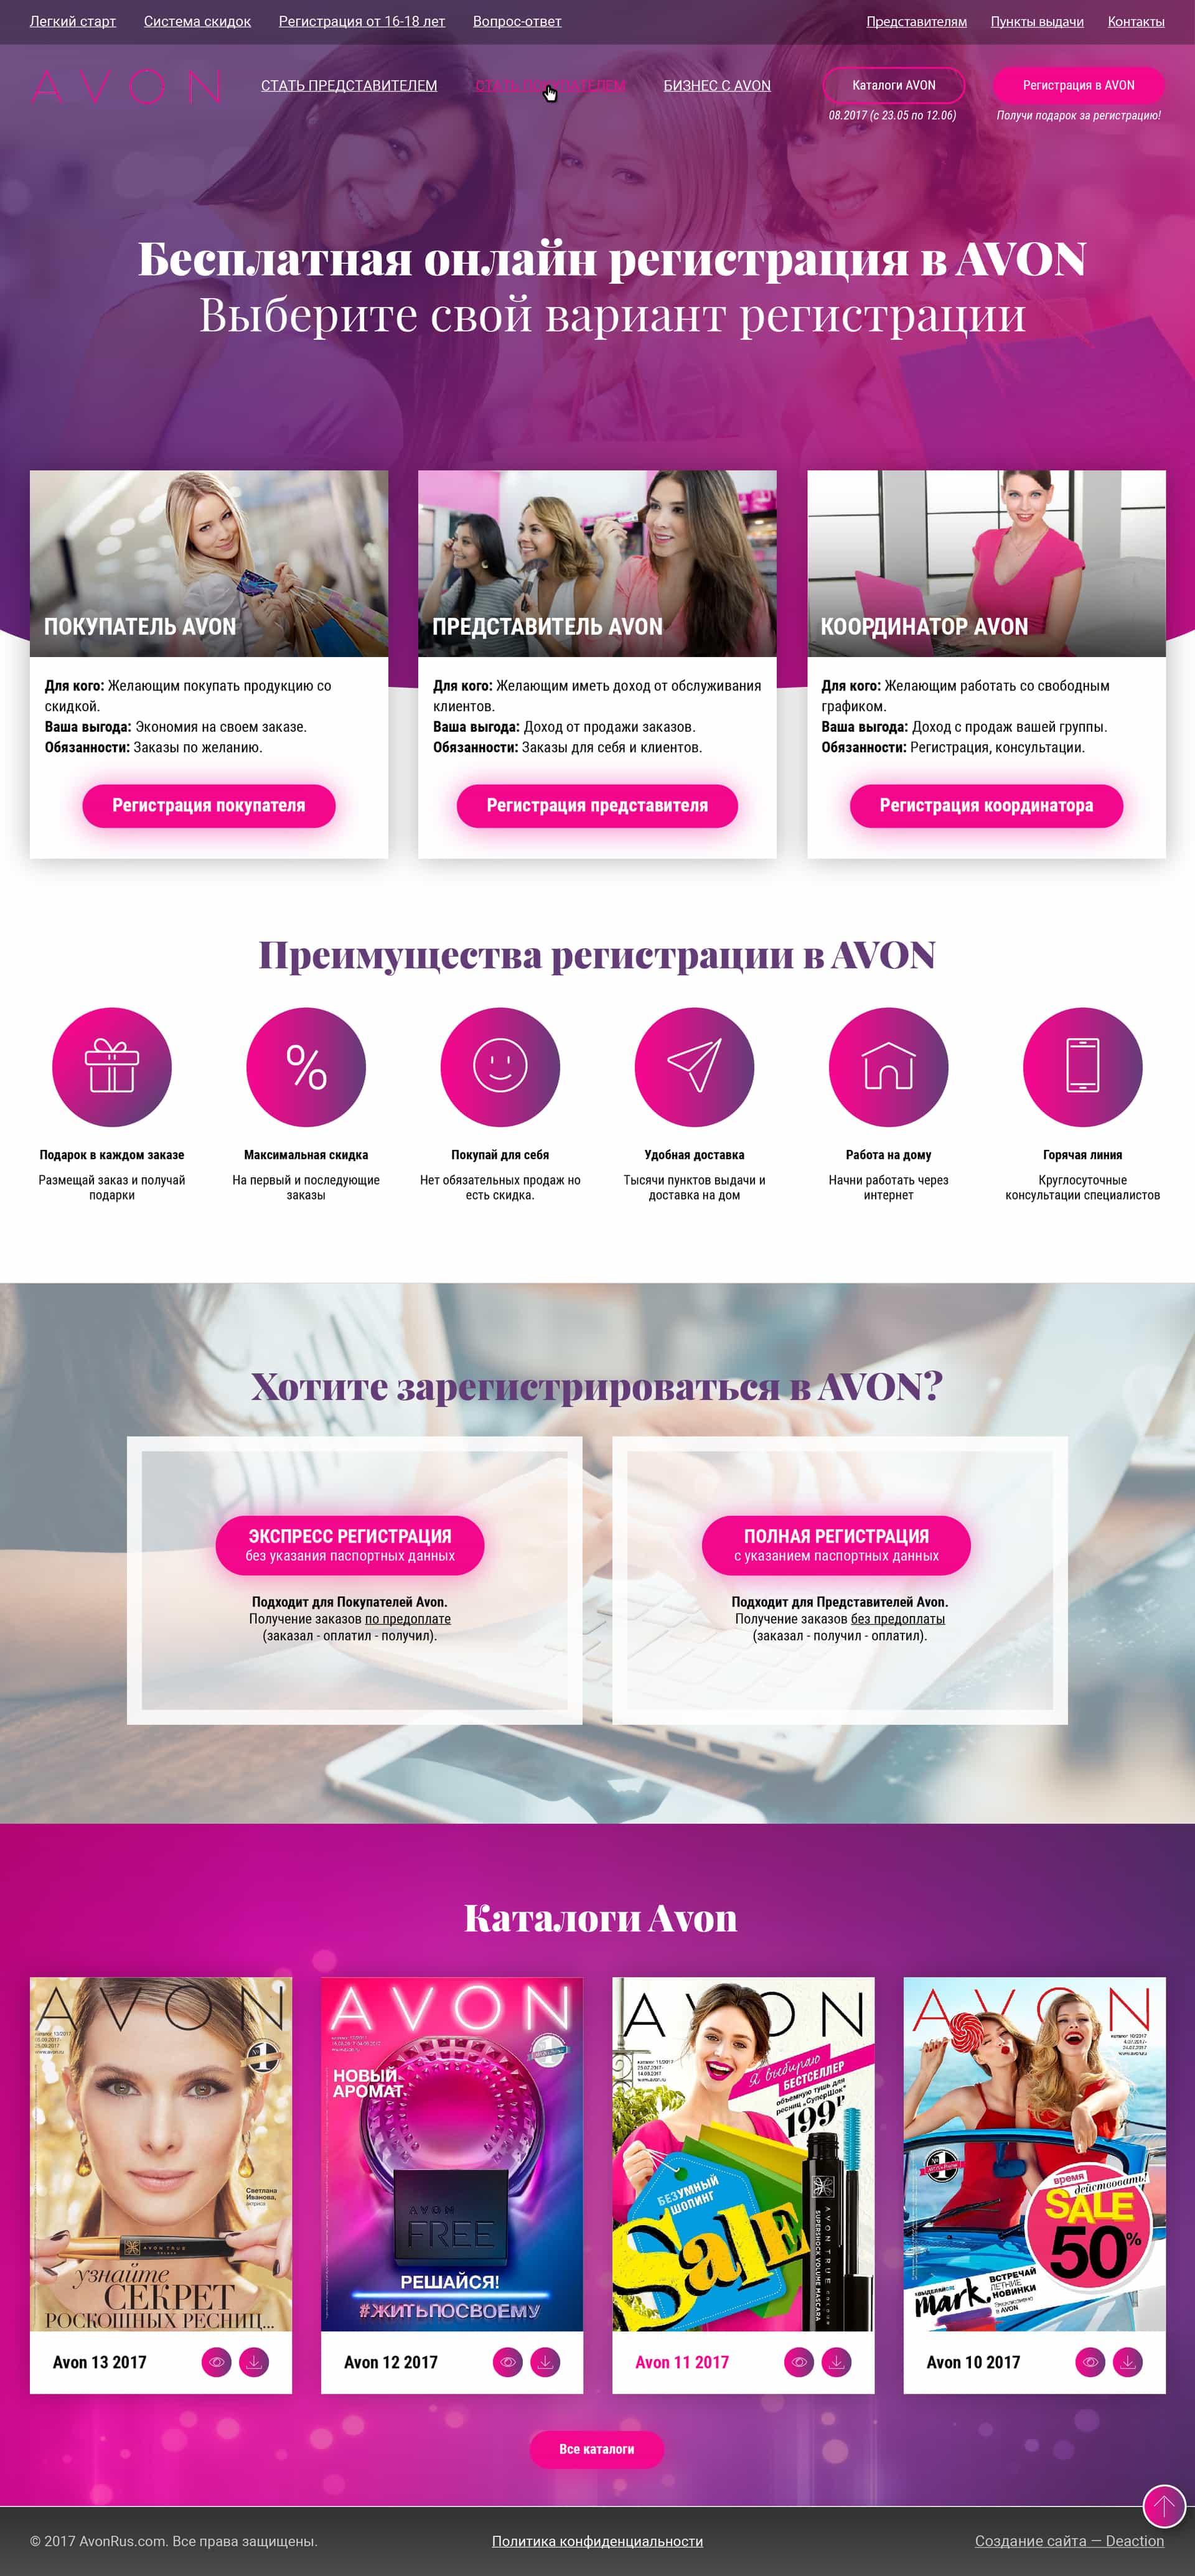 Дизайн и создание сайта Avon